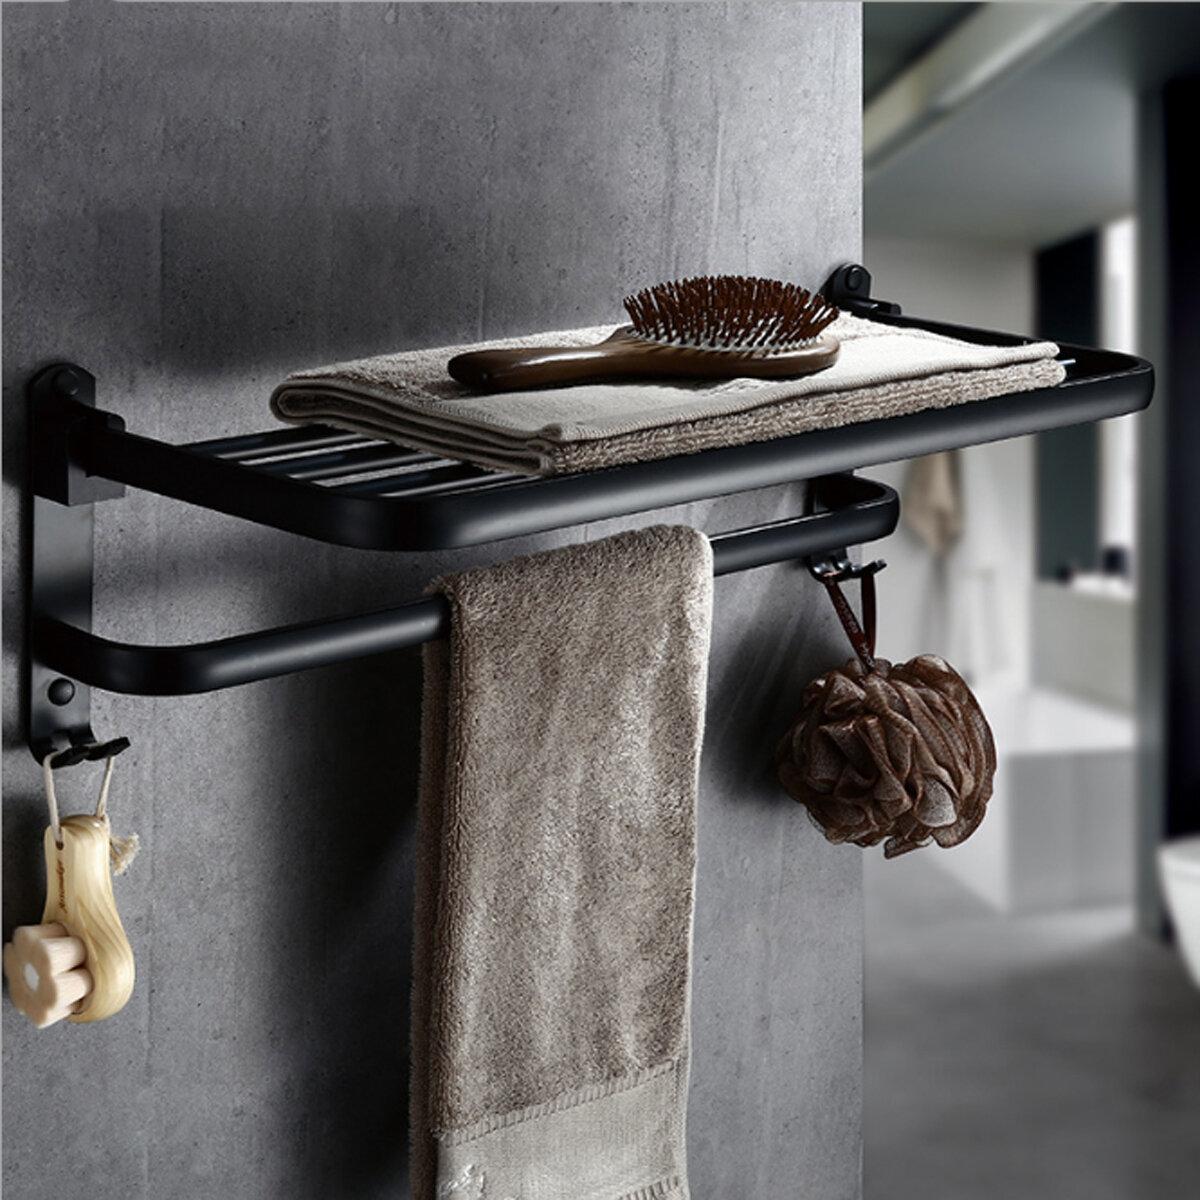 c8f253ec233fad Składany stojak na ręczniki czarny Ręcznik na ręczniki składany podwójny  ręcznik Półka na ręczniki wieszak na